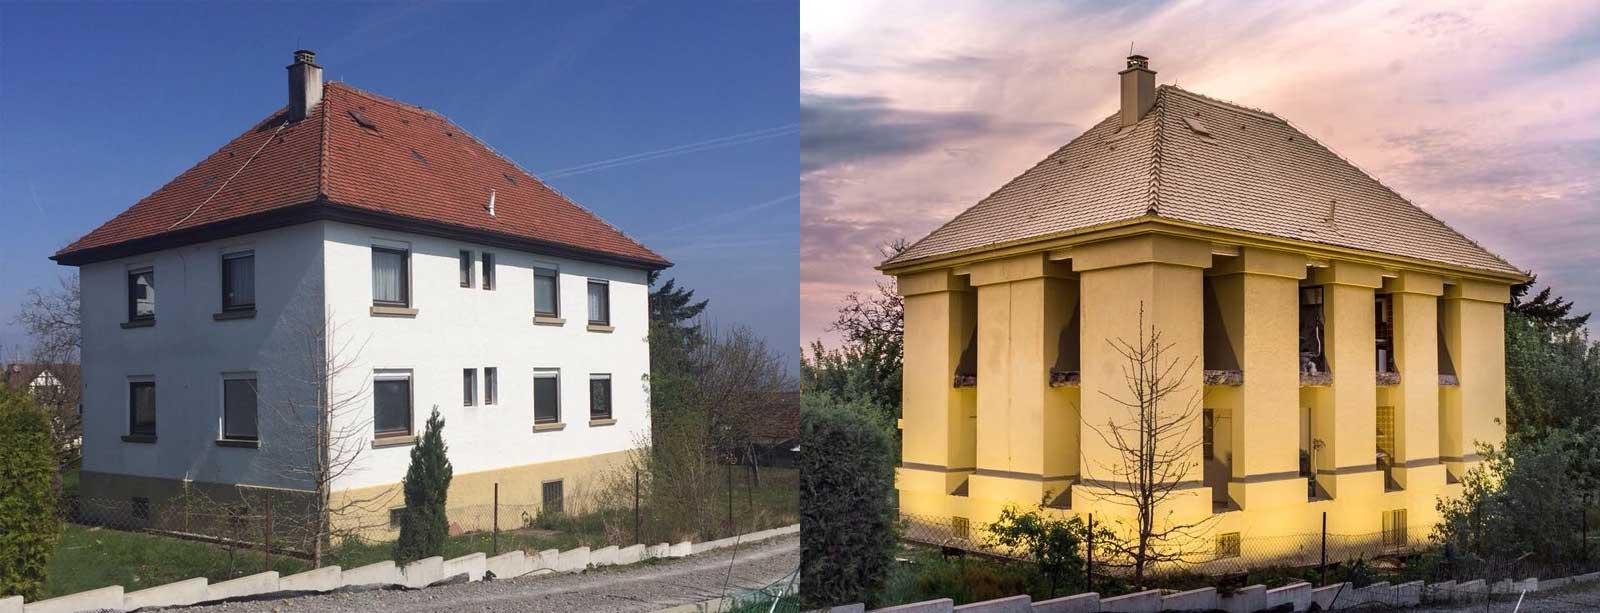 Das perfekte Elternhaus von dem Künstler Andreas Sarow